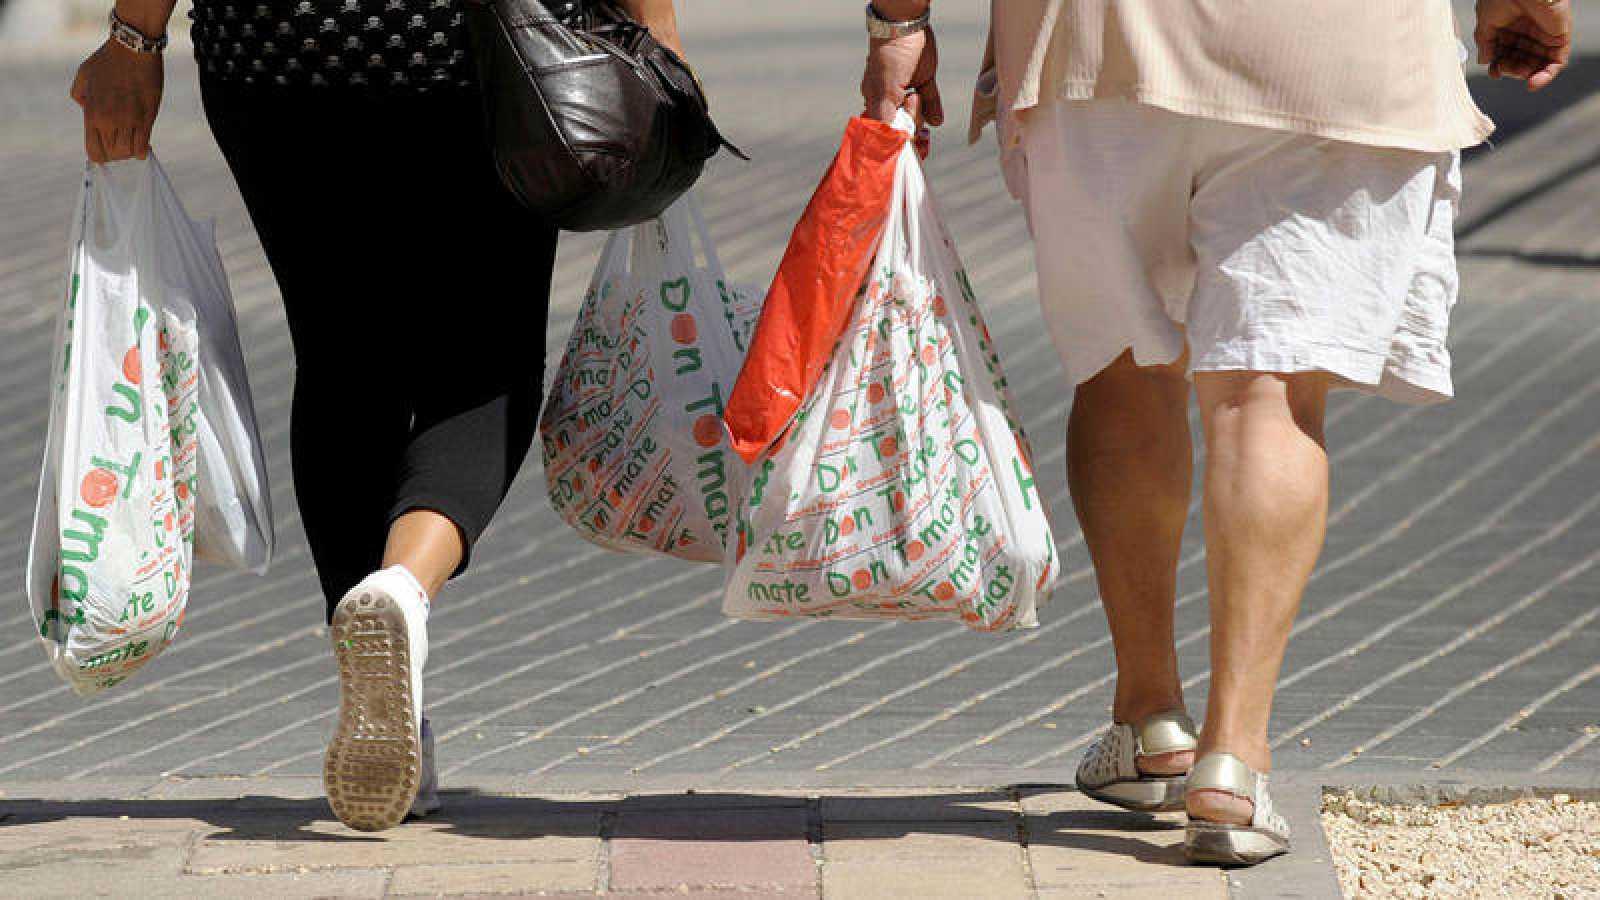 b13849f2e Las bolsas de plástico gratuitas tienen los días contados - RTVE.es